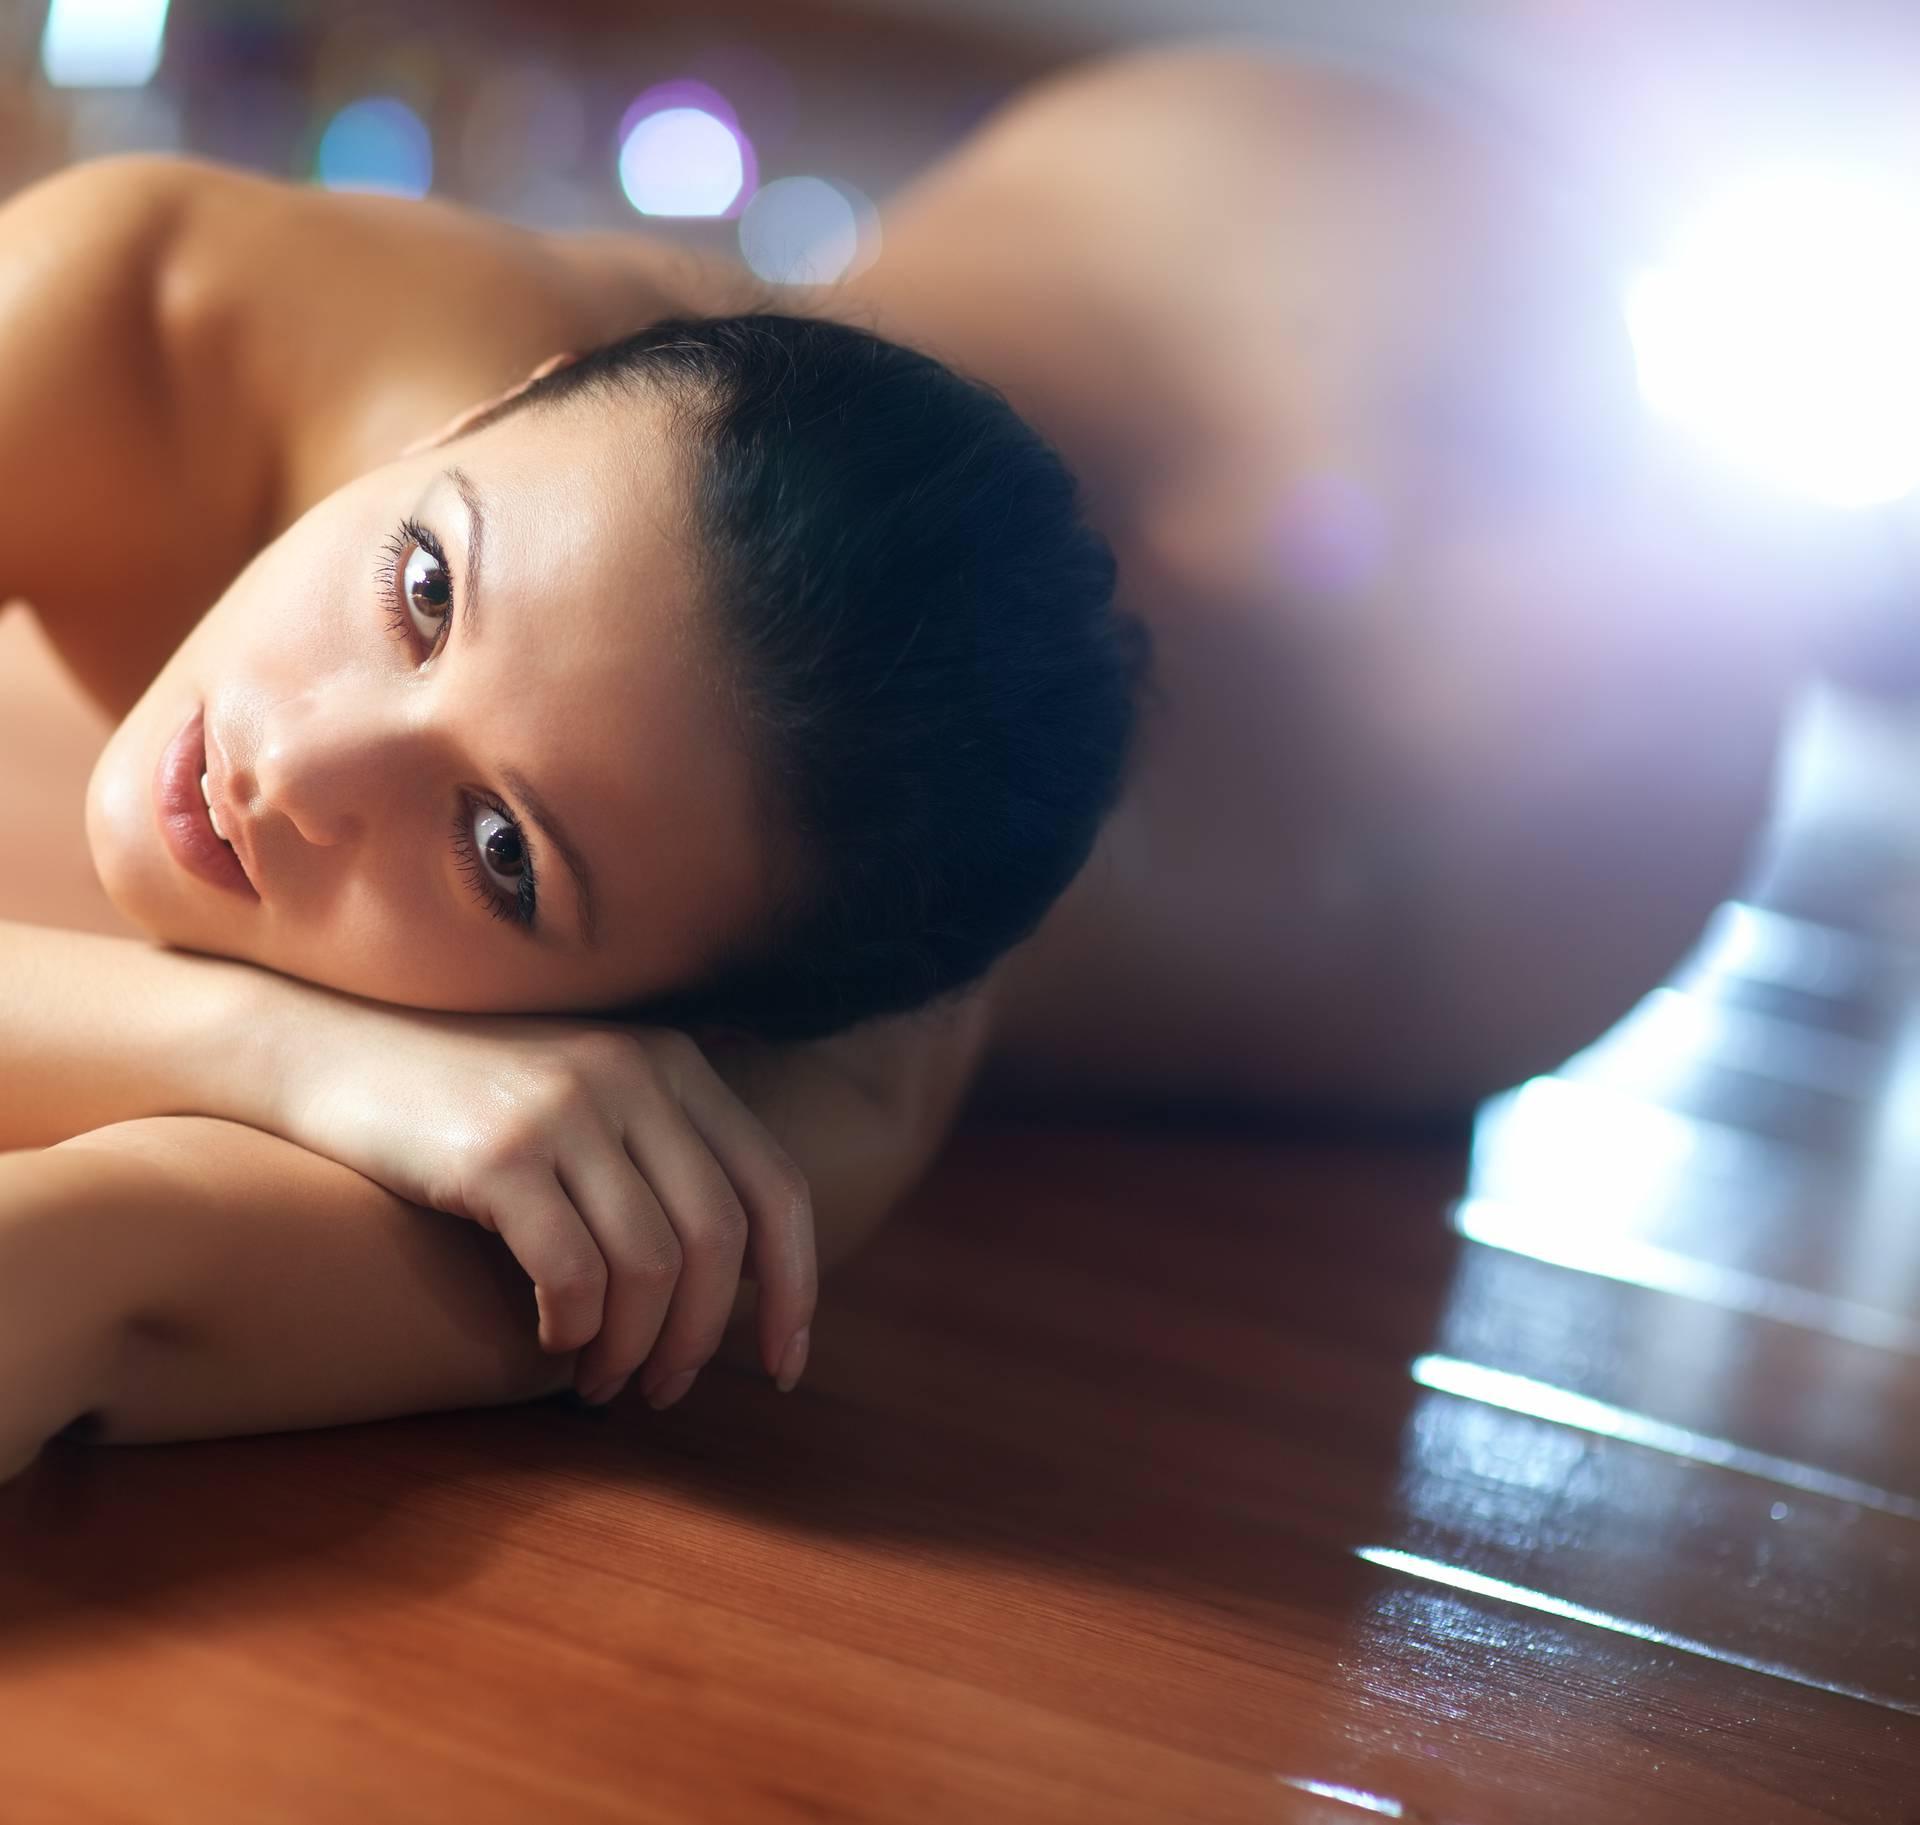 Ženama treba više seksa par dana u mjesecu - evo koji su to